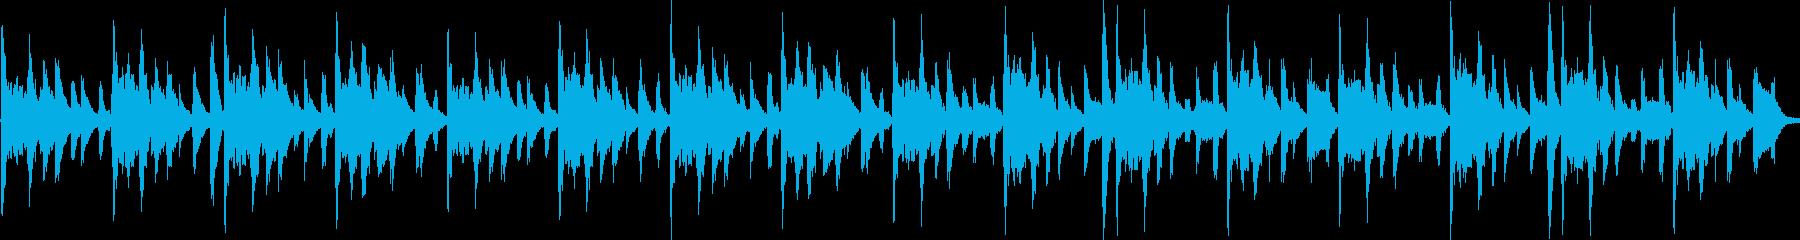 木琴メインかわいいシンキングタイムBGMの再生済みの波形